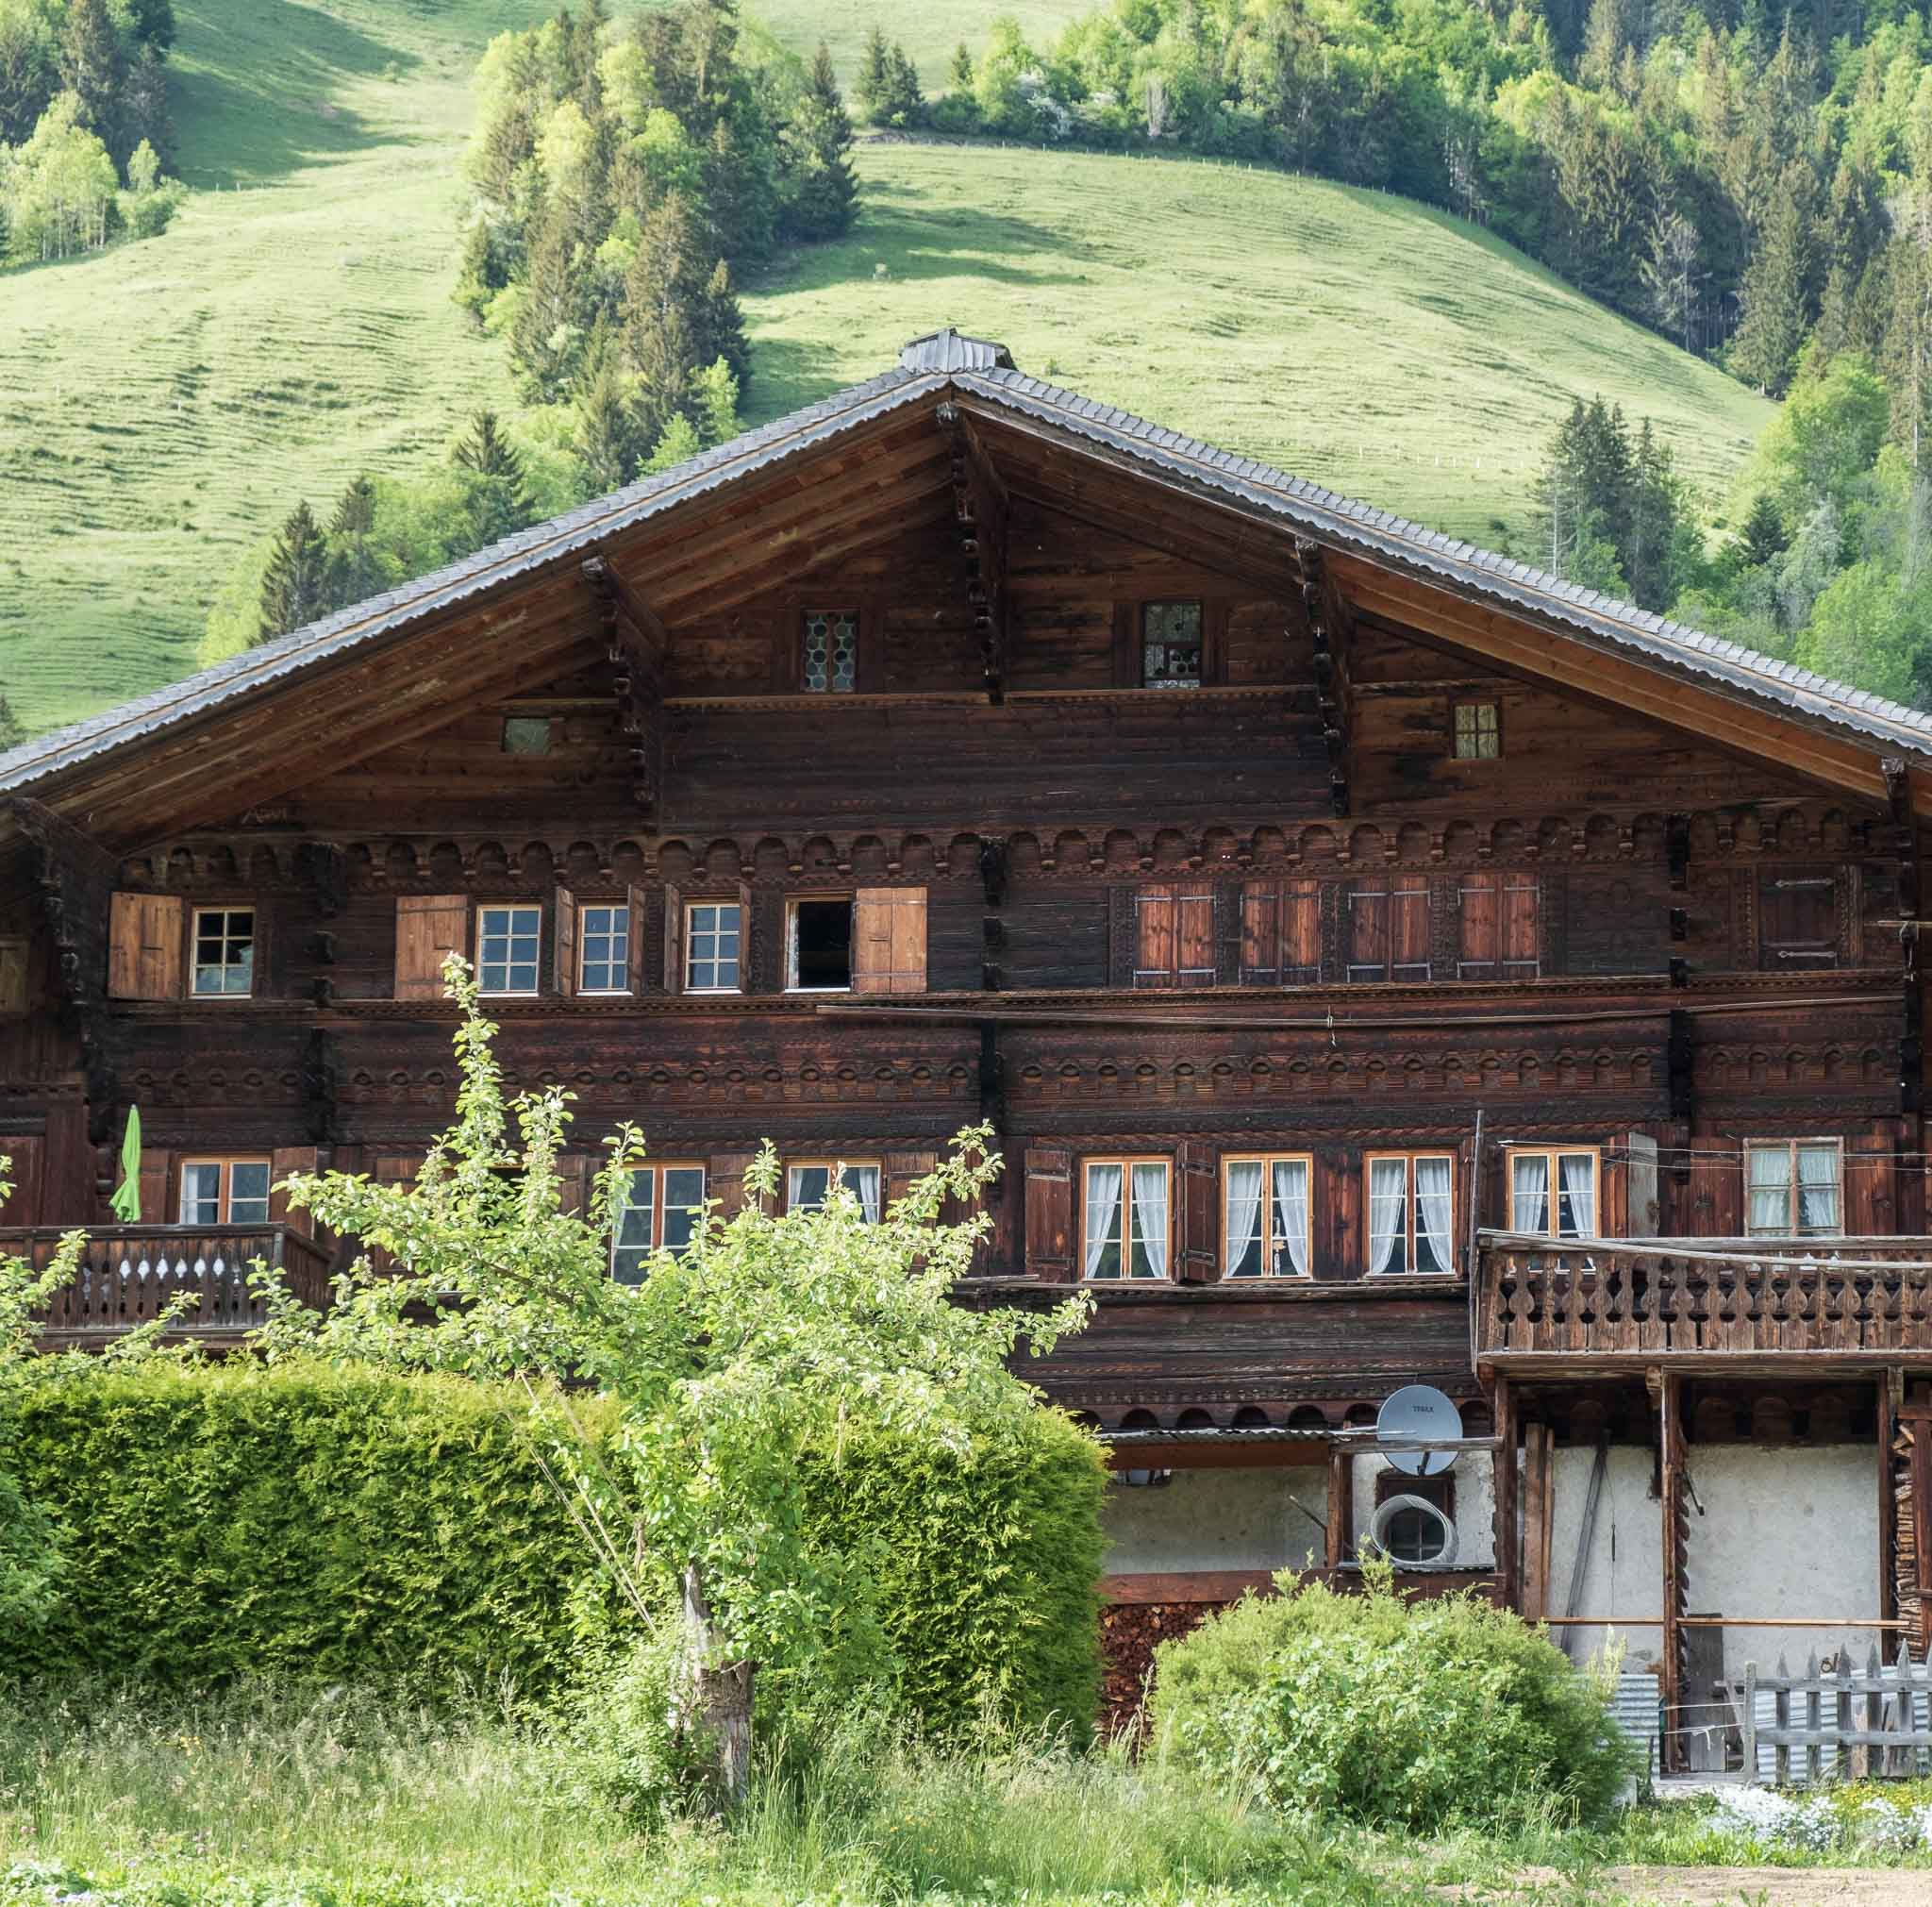 View on Maison de la Place  on Rossinière audio tour Cowbells, Chalets and Balthus: A Swiss Alpine Village Excursion